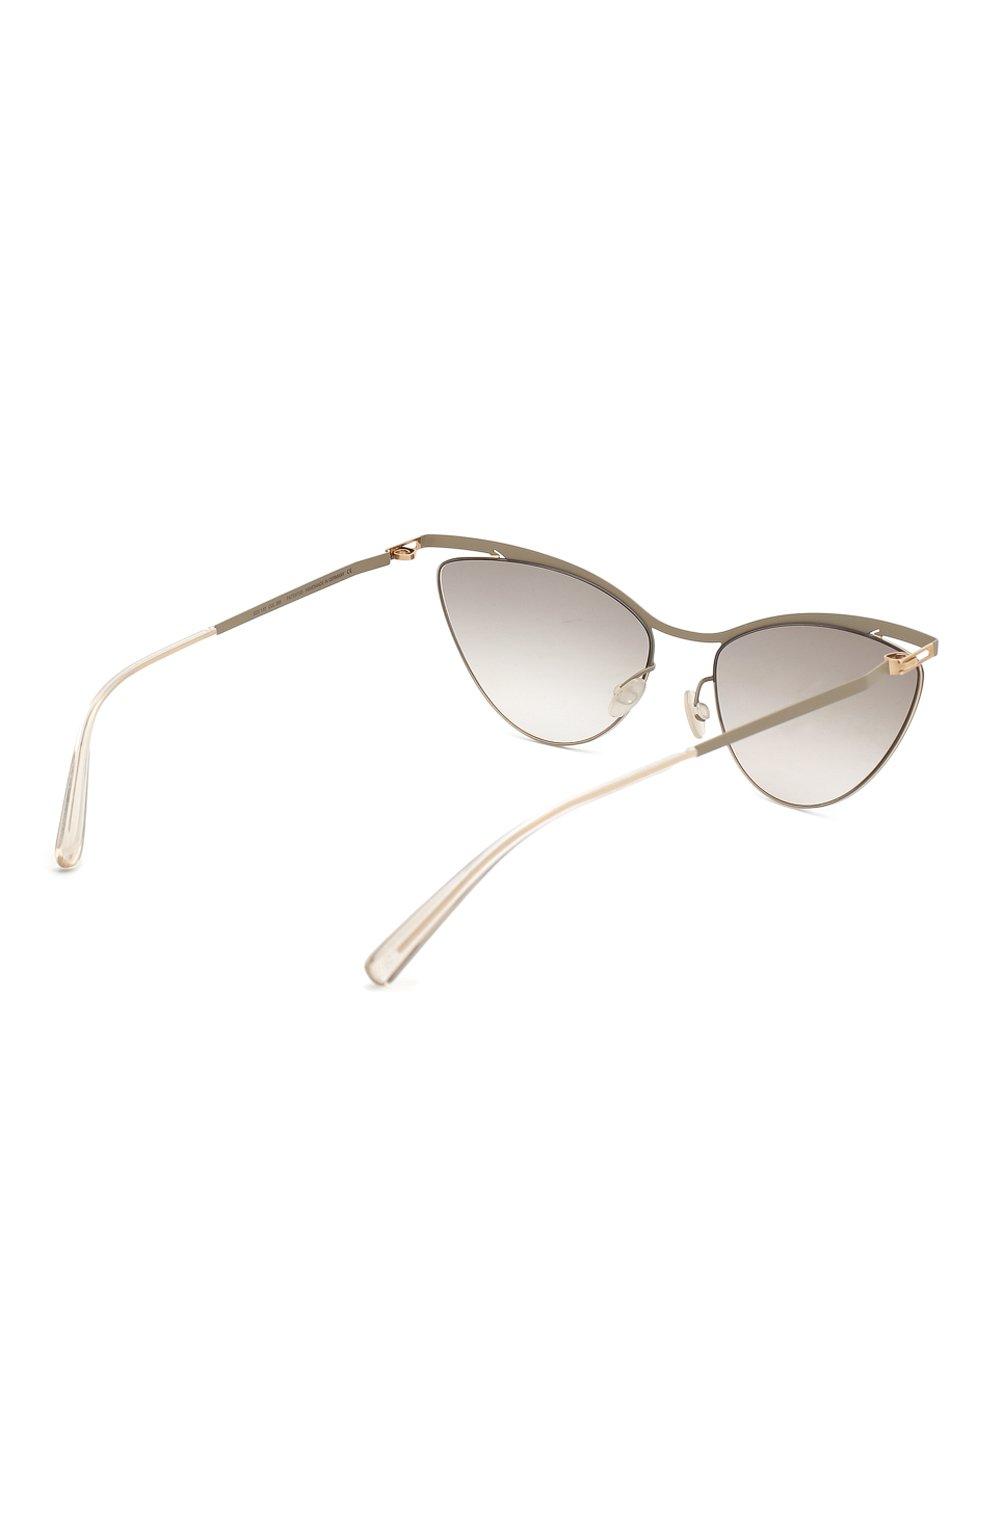 Женские солнцезащитные очки MYKITA серого цвета, арт. MIZUH0/CHAMPAGNEG0LD/TAUPEGREY/0RIGINAL GREY | Фото 4